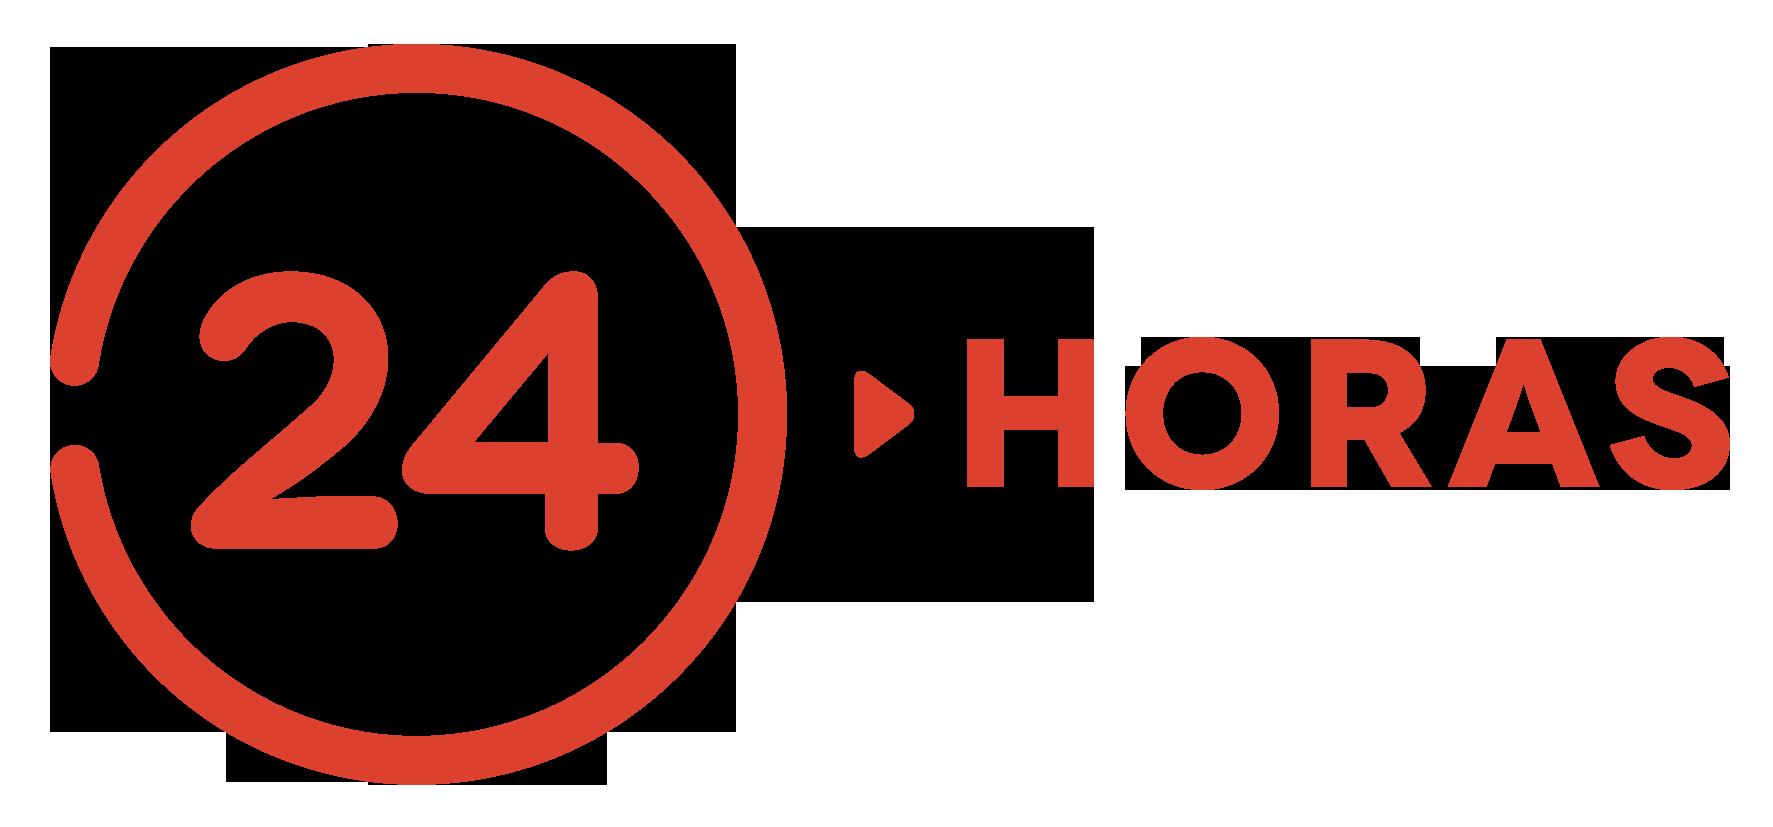 servicios de cerrajeria las 24 horas